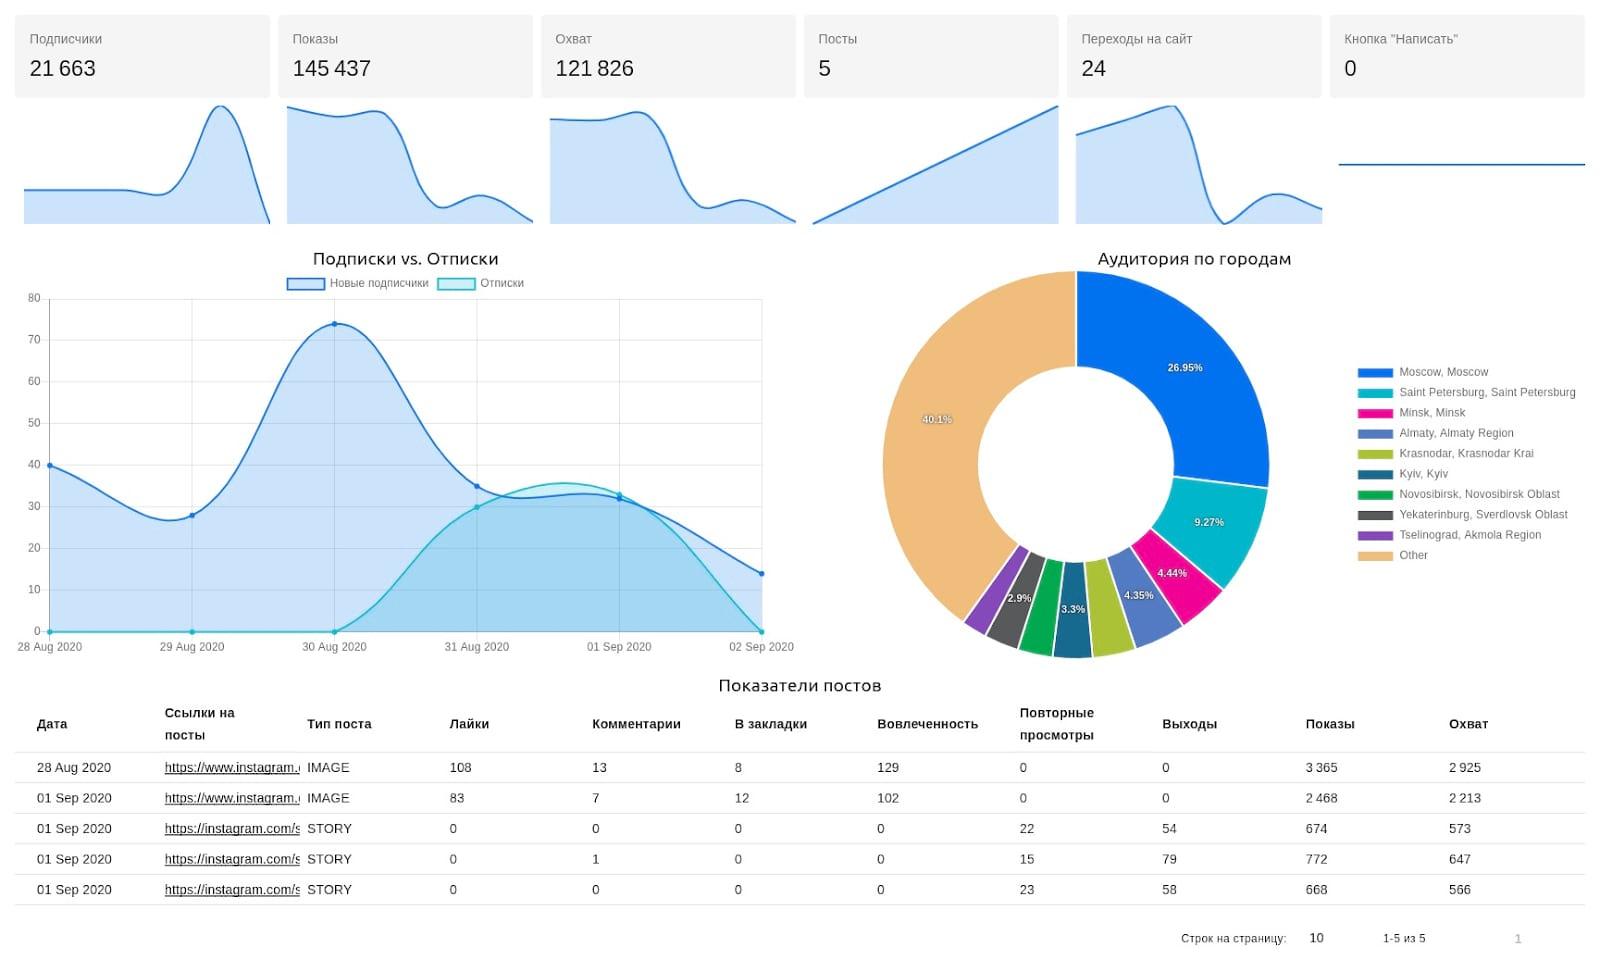 В DataFan можно сортировать посты по полученным реакциям и сразу видеть те, которые получили максимальную вовлеченность